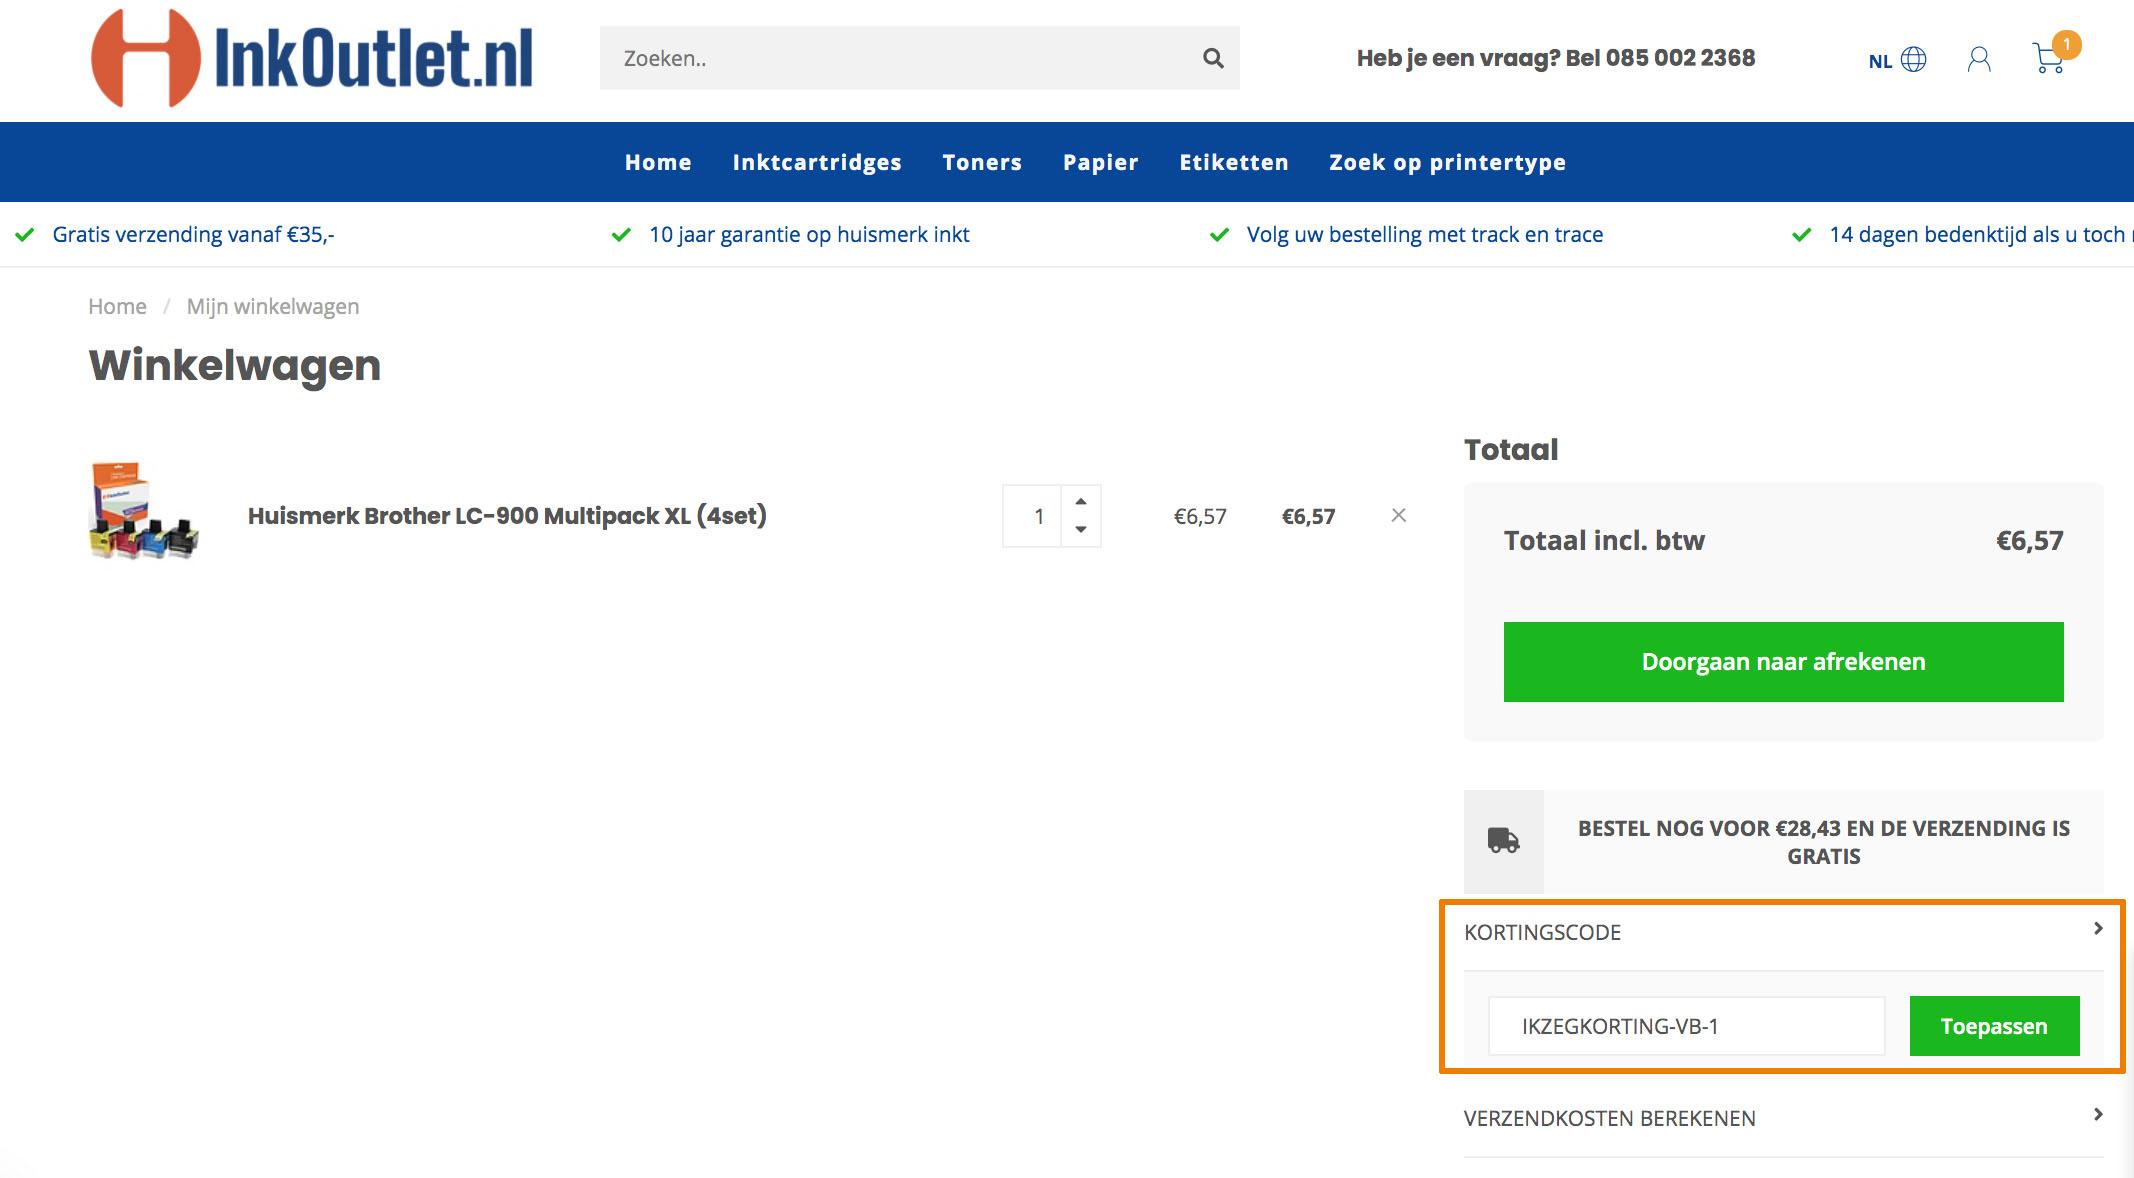 Hoe gebruik je een Inkoutlet.nl aanbieding